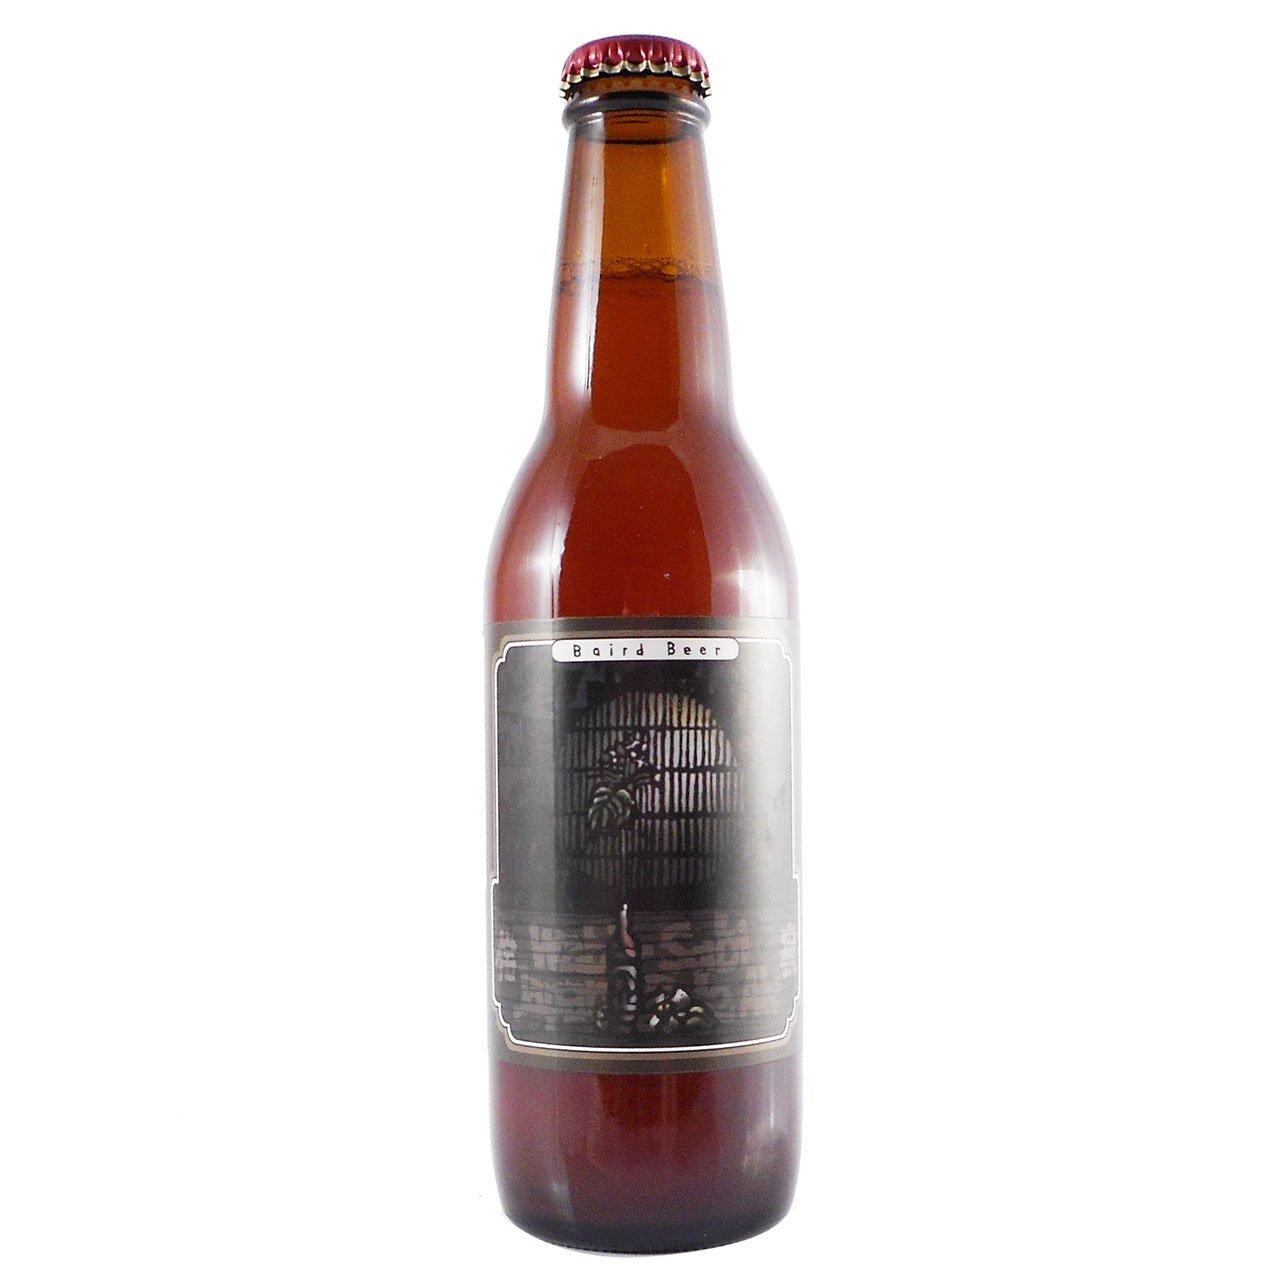 ベアードビール わびさびジャパンペールエール 330ml  24本 静岡修善寺 クラフトビール  B0118JM0ZE